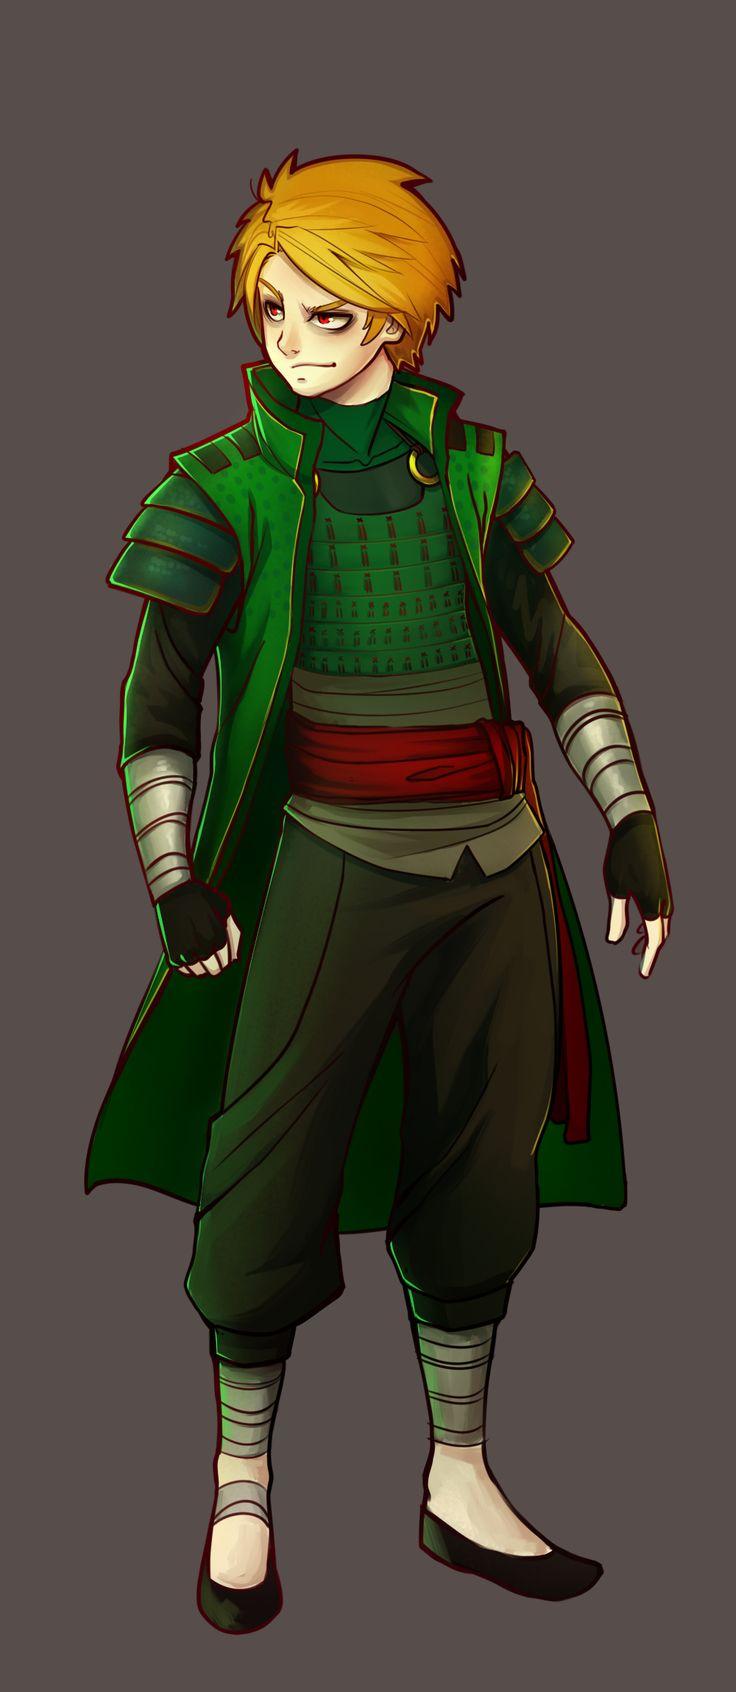 Ninjago lloyd by e rr on deviantart - Ninjago lloyd ...